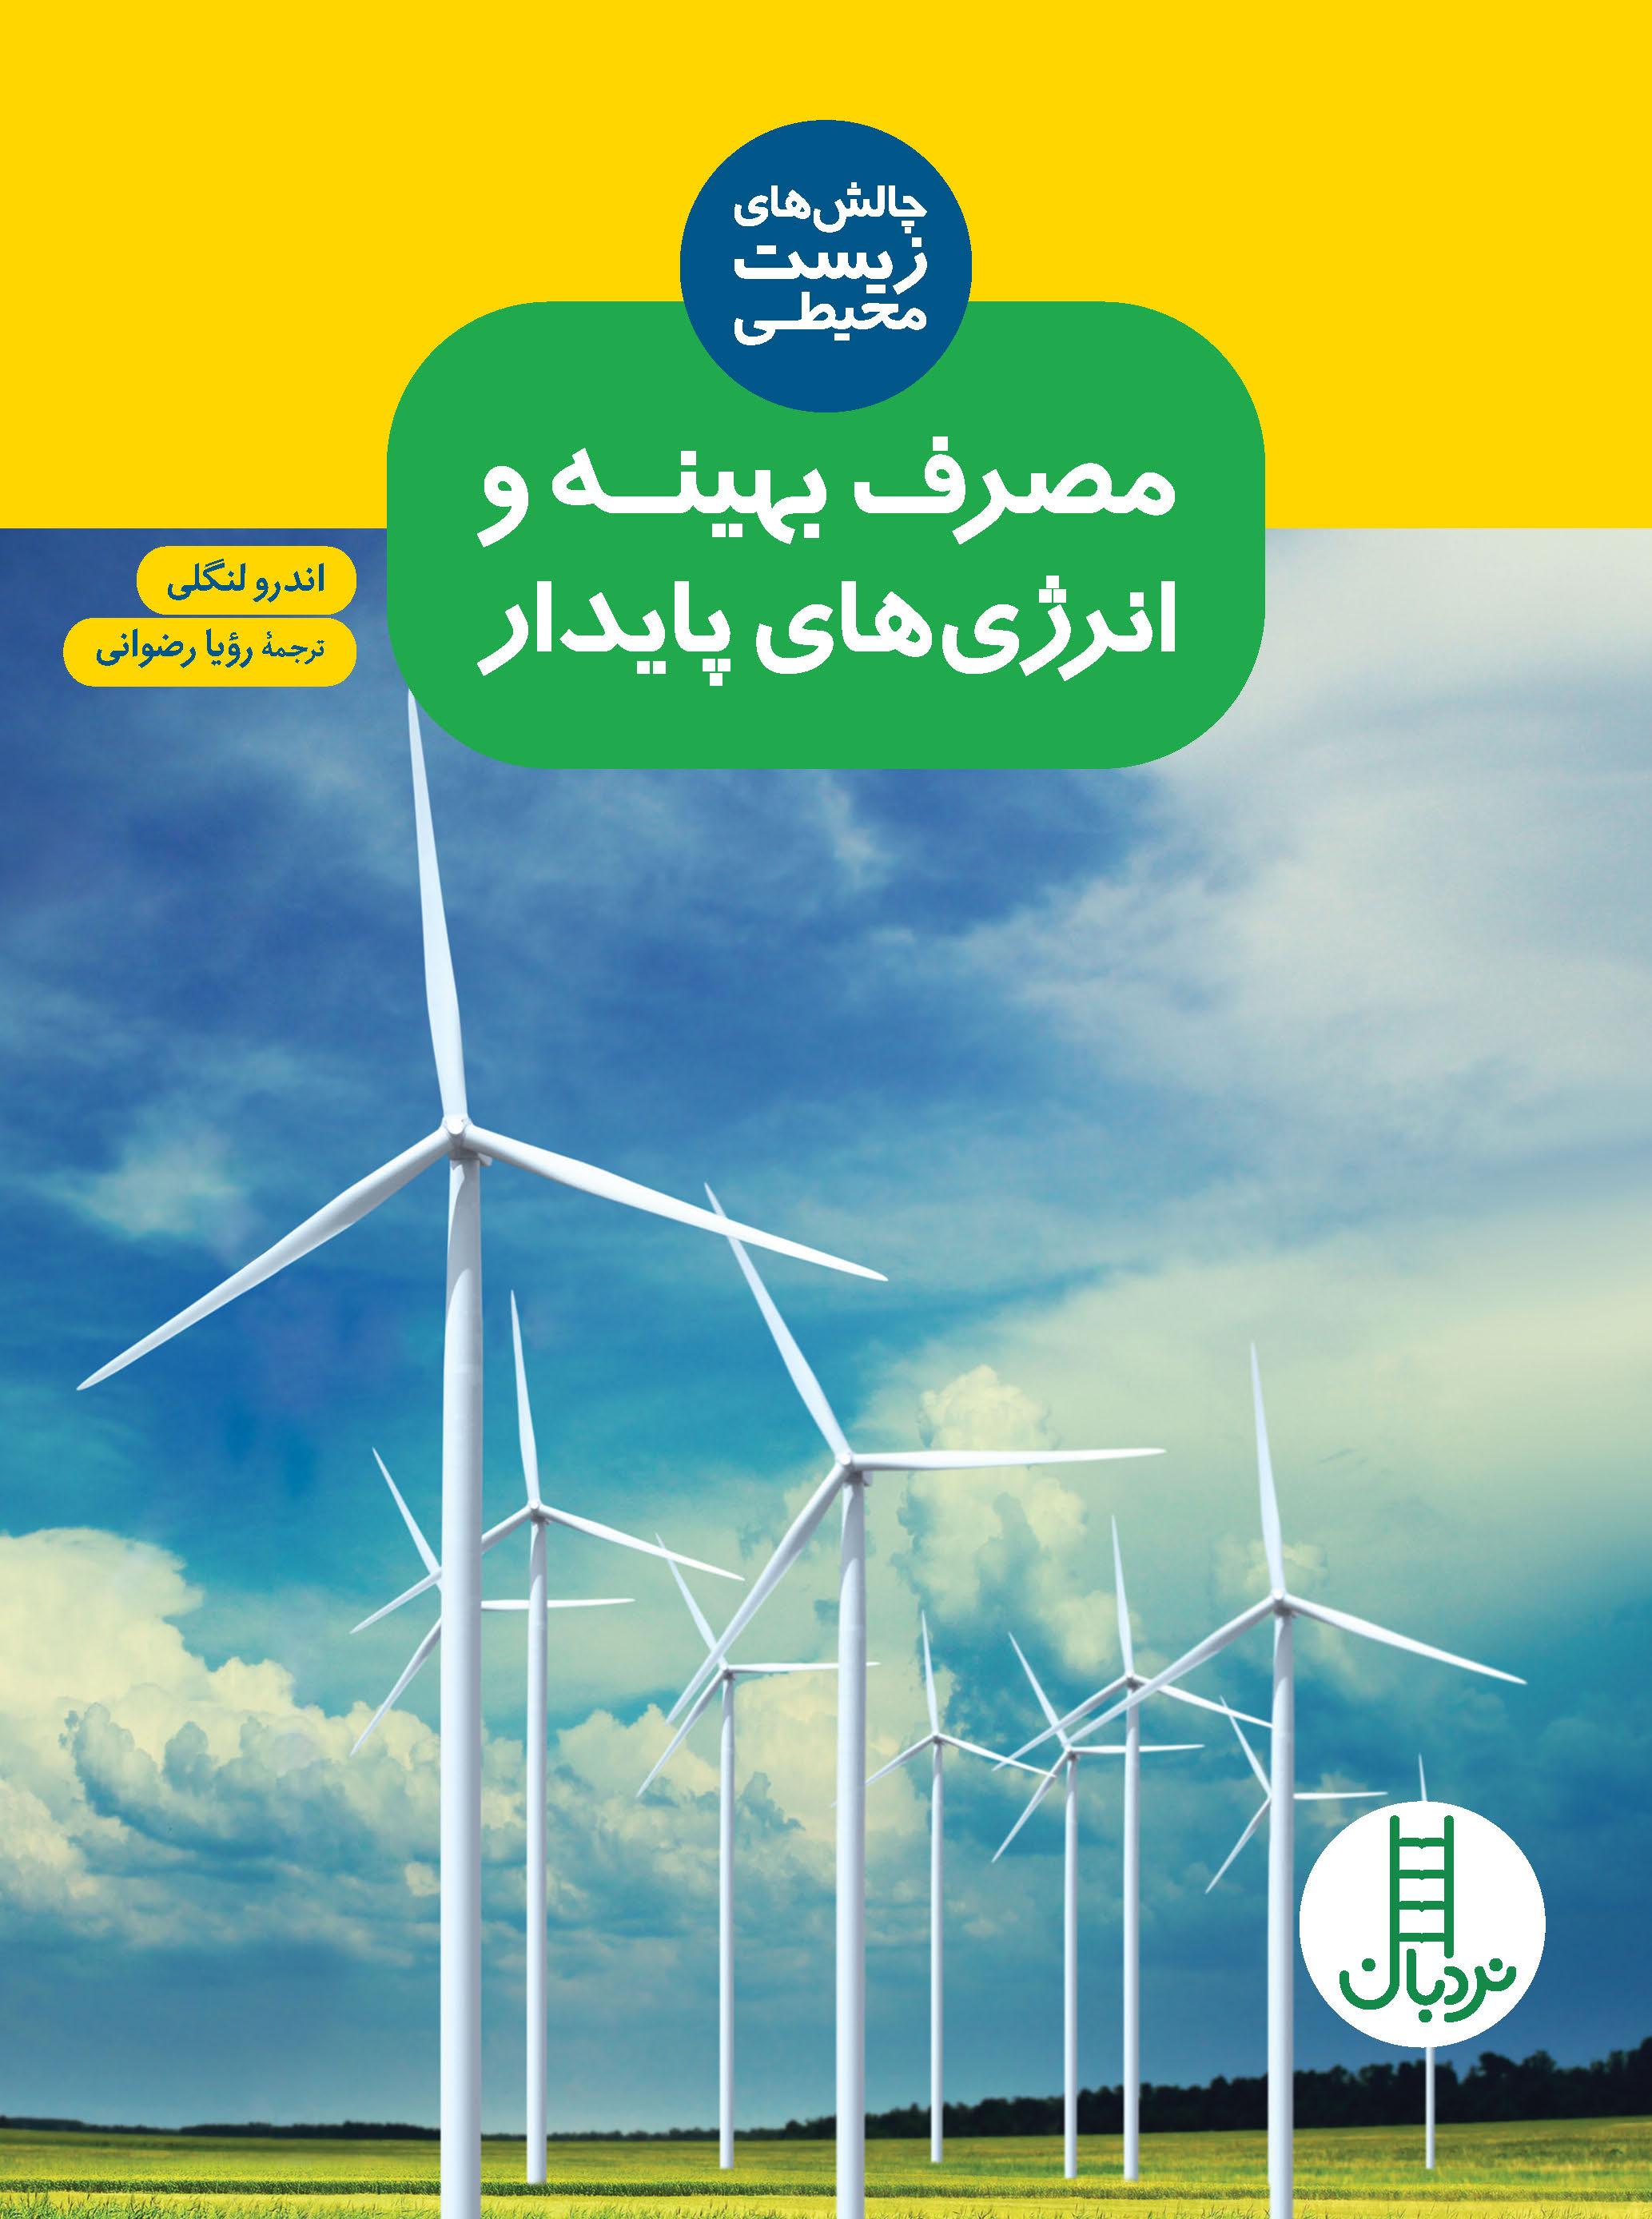 مصرف بهینه و انرژیهای پایدار...